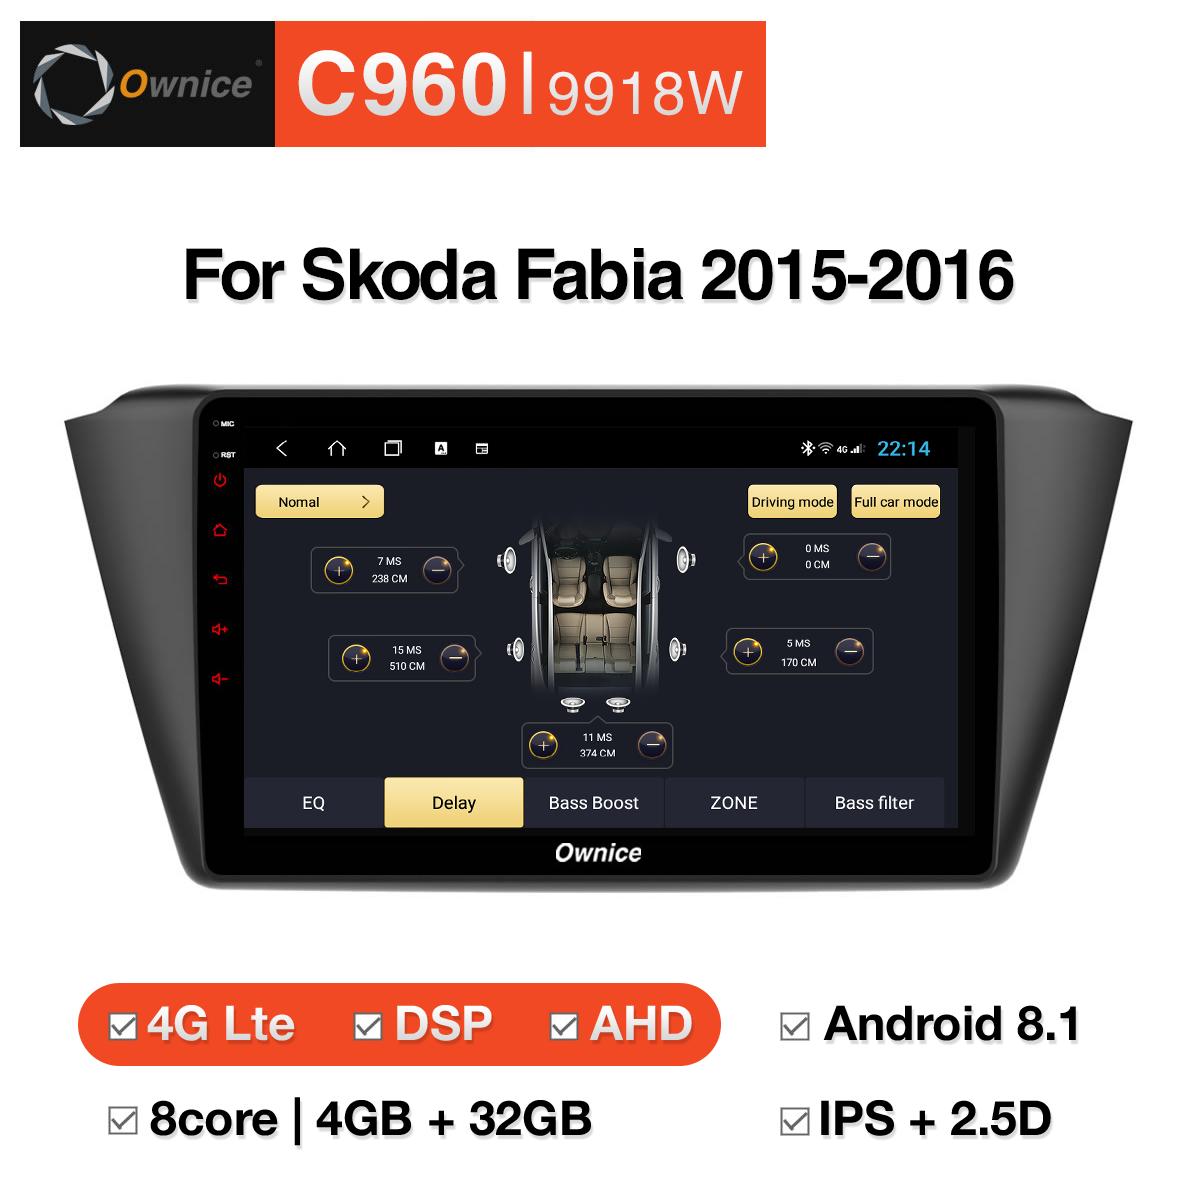 Đầu DVD android Ownice C960 cho xe ô tô Skoda Fabia 2015-2016